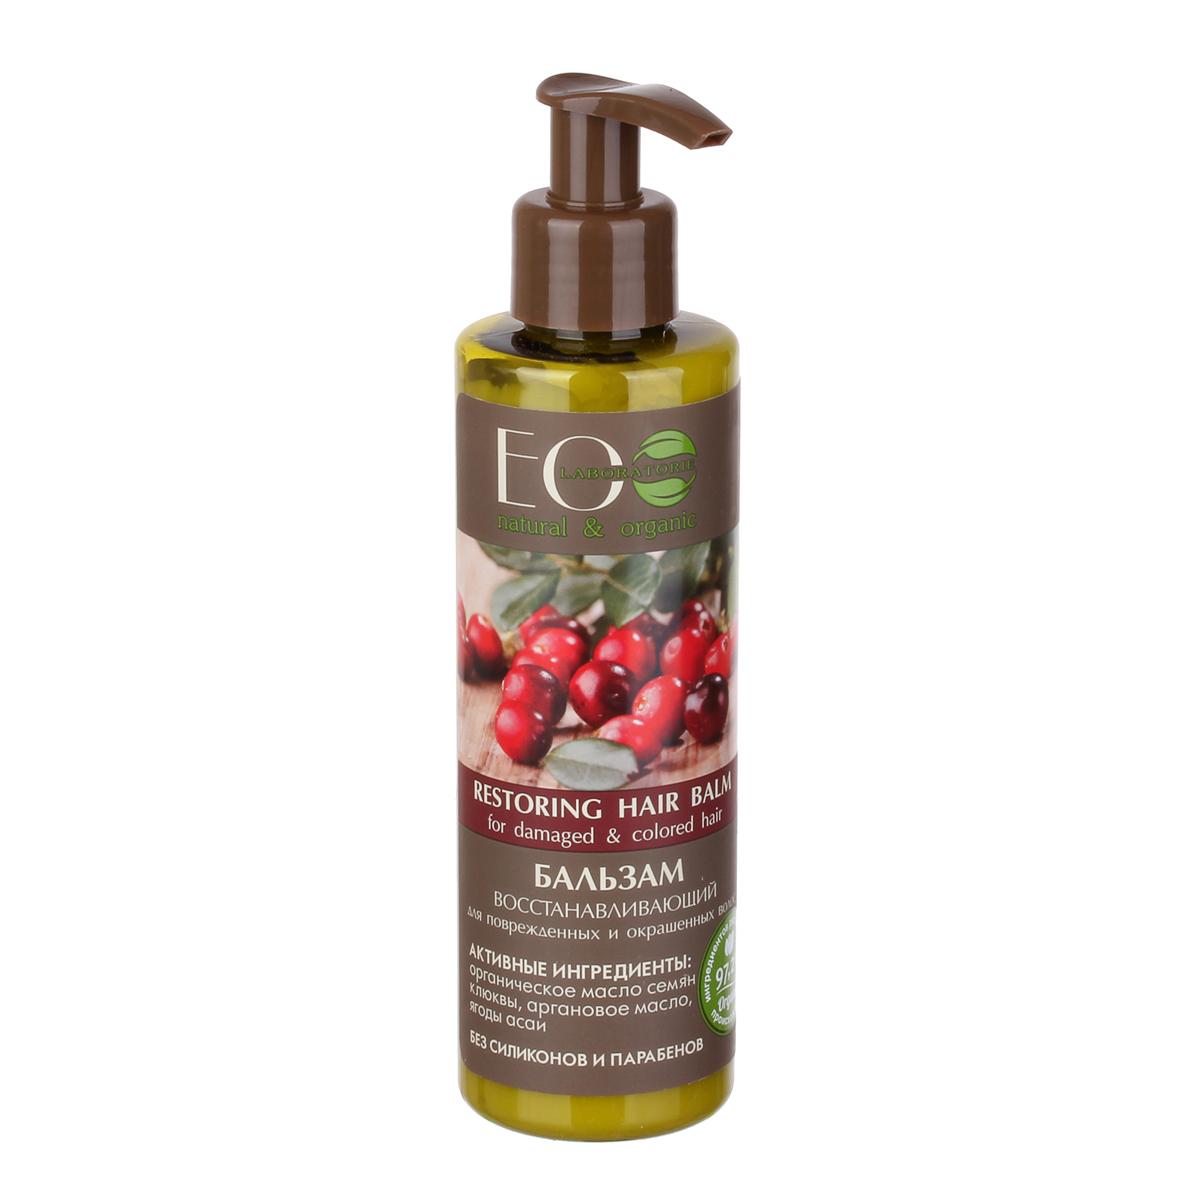 EcoLab ЭкоЛаб Бальзам Восстанавливающий 200 мл4627089430427Предотвращает ломкость и потерю волос, улучшает структуру поврежденных волос, ухаживает за волосами по всей длине. Сочетает питательное и увлажняющее действие. Активные ингредиенты: органическое масло семян клюквы, аргановое масло, экстракт ягод асаи.